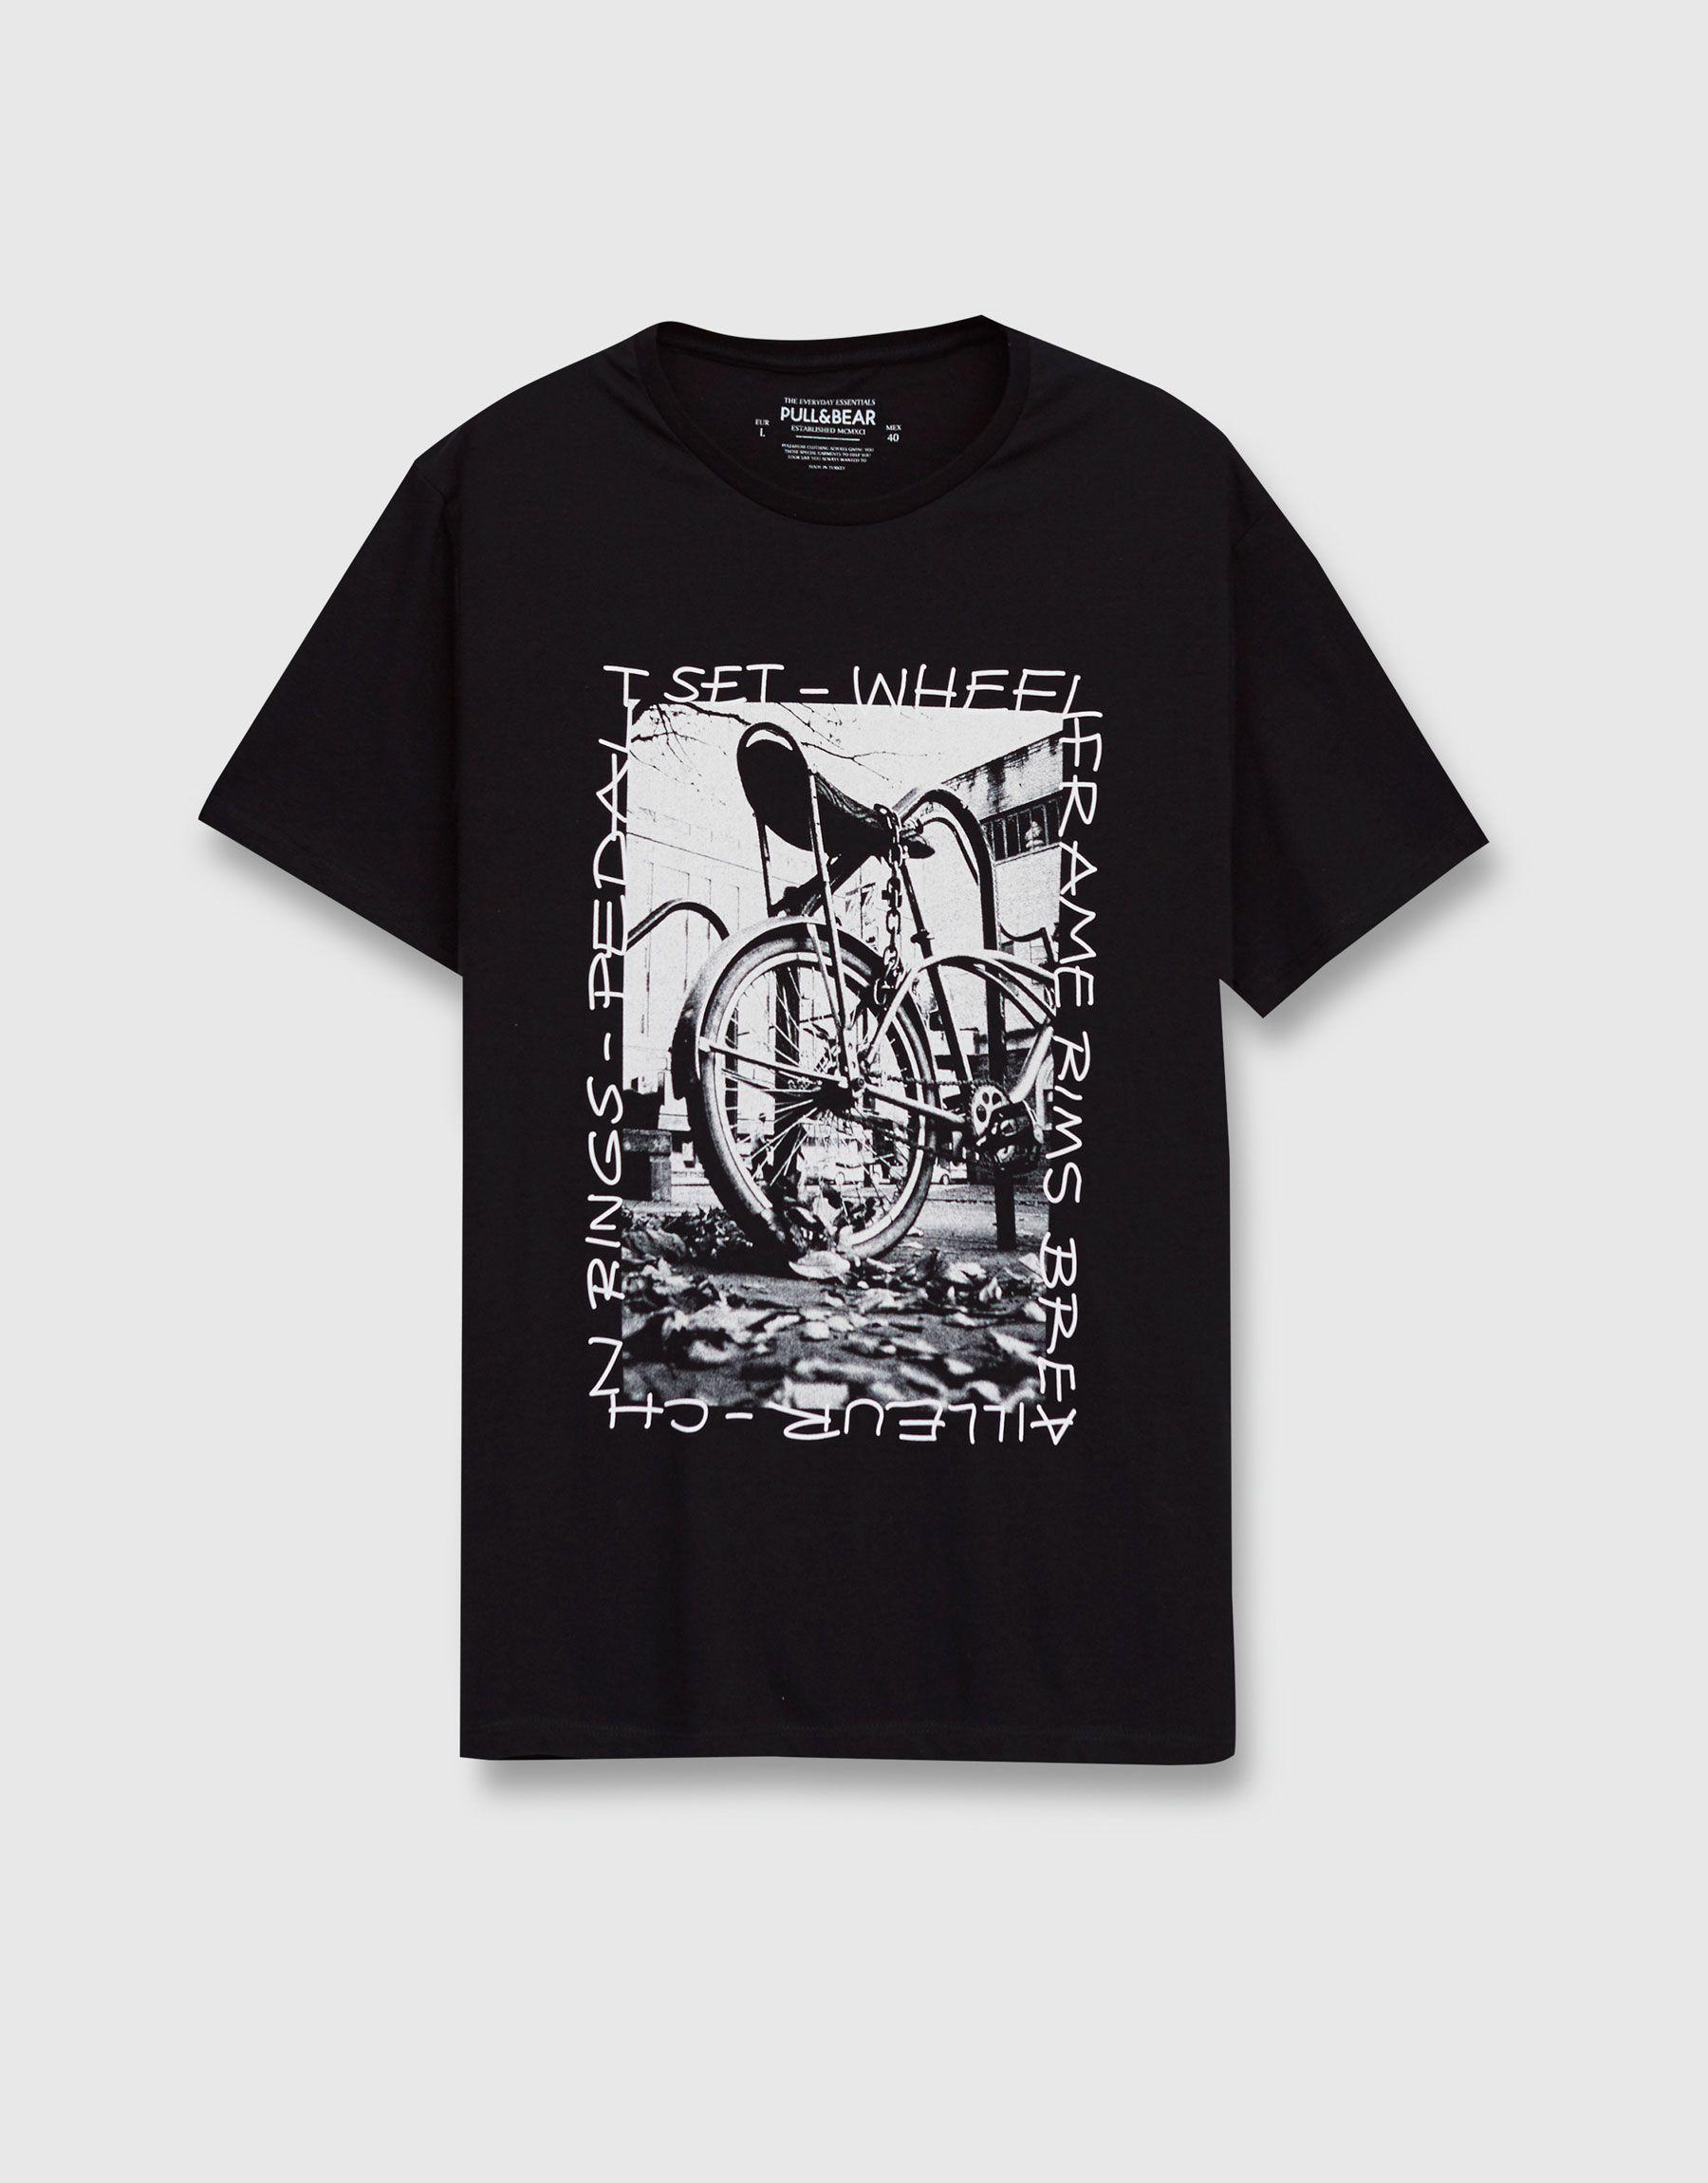 T Shirt Mit Grafik Vorne T Shirts Kleidung Herren Pull Bear Deutschland Logos Marcas De Ropa Camisetas Graficas Camisetas